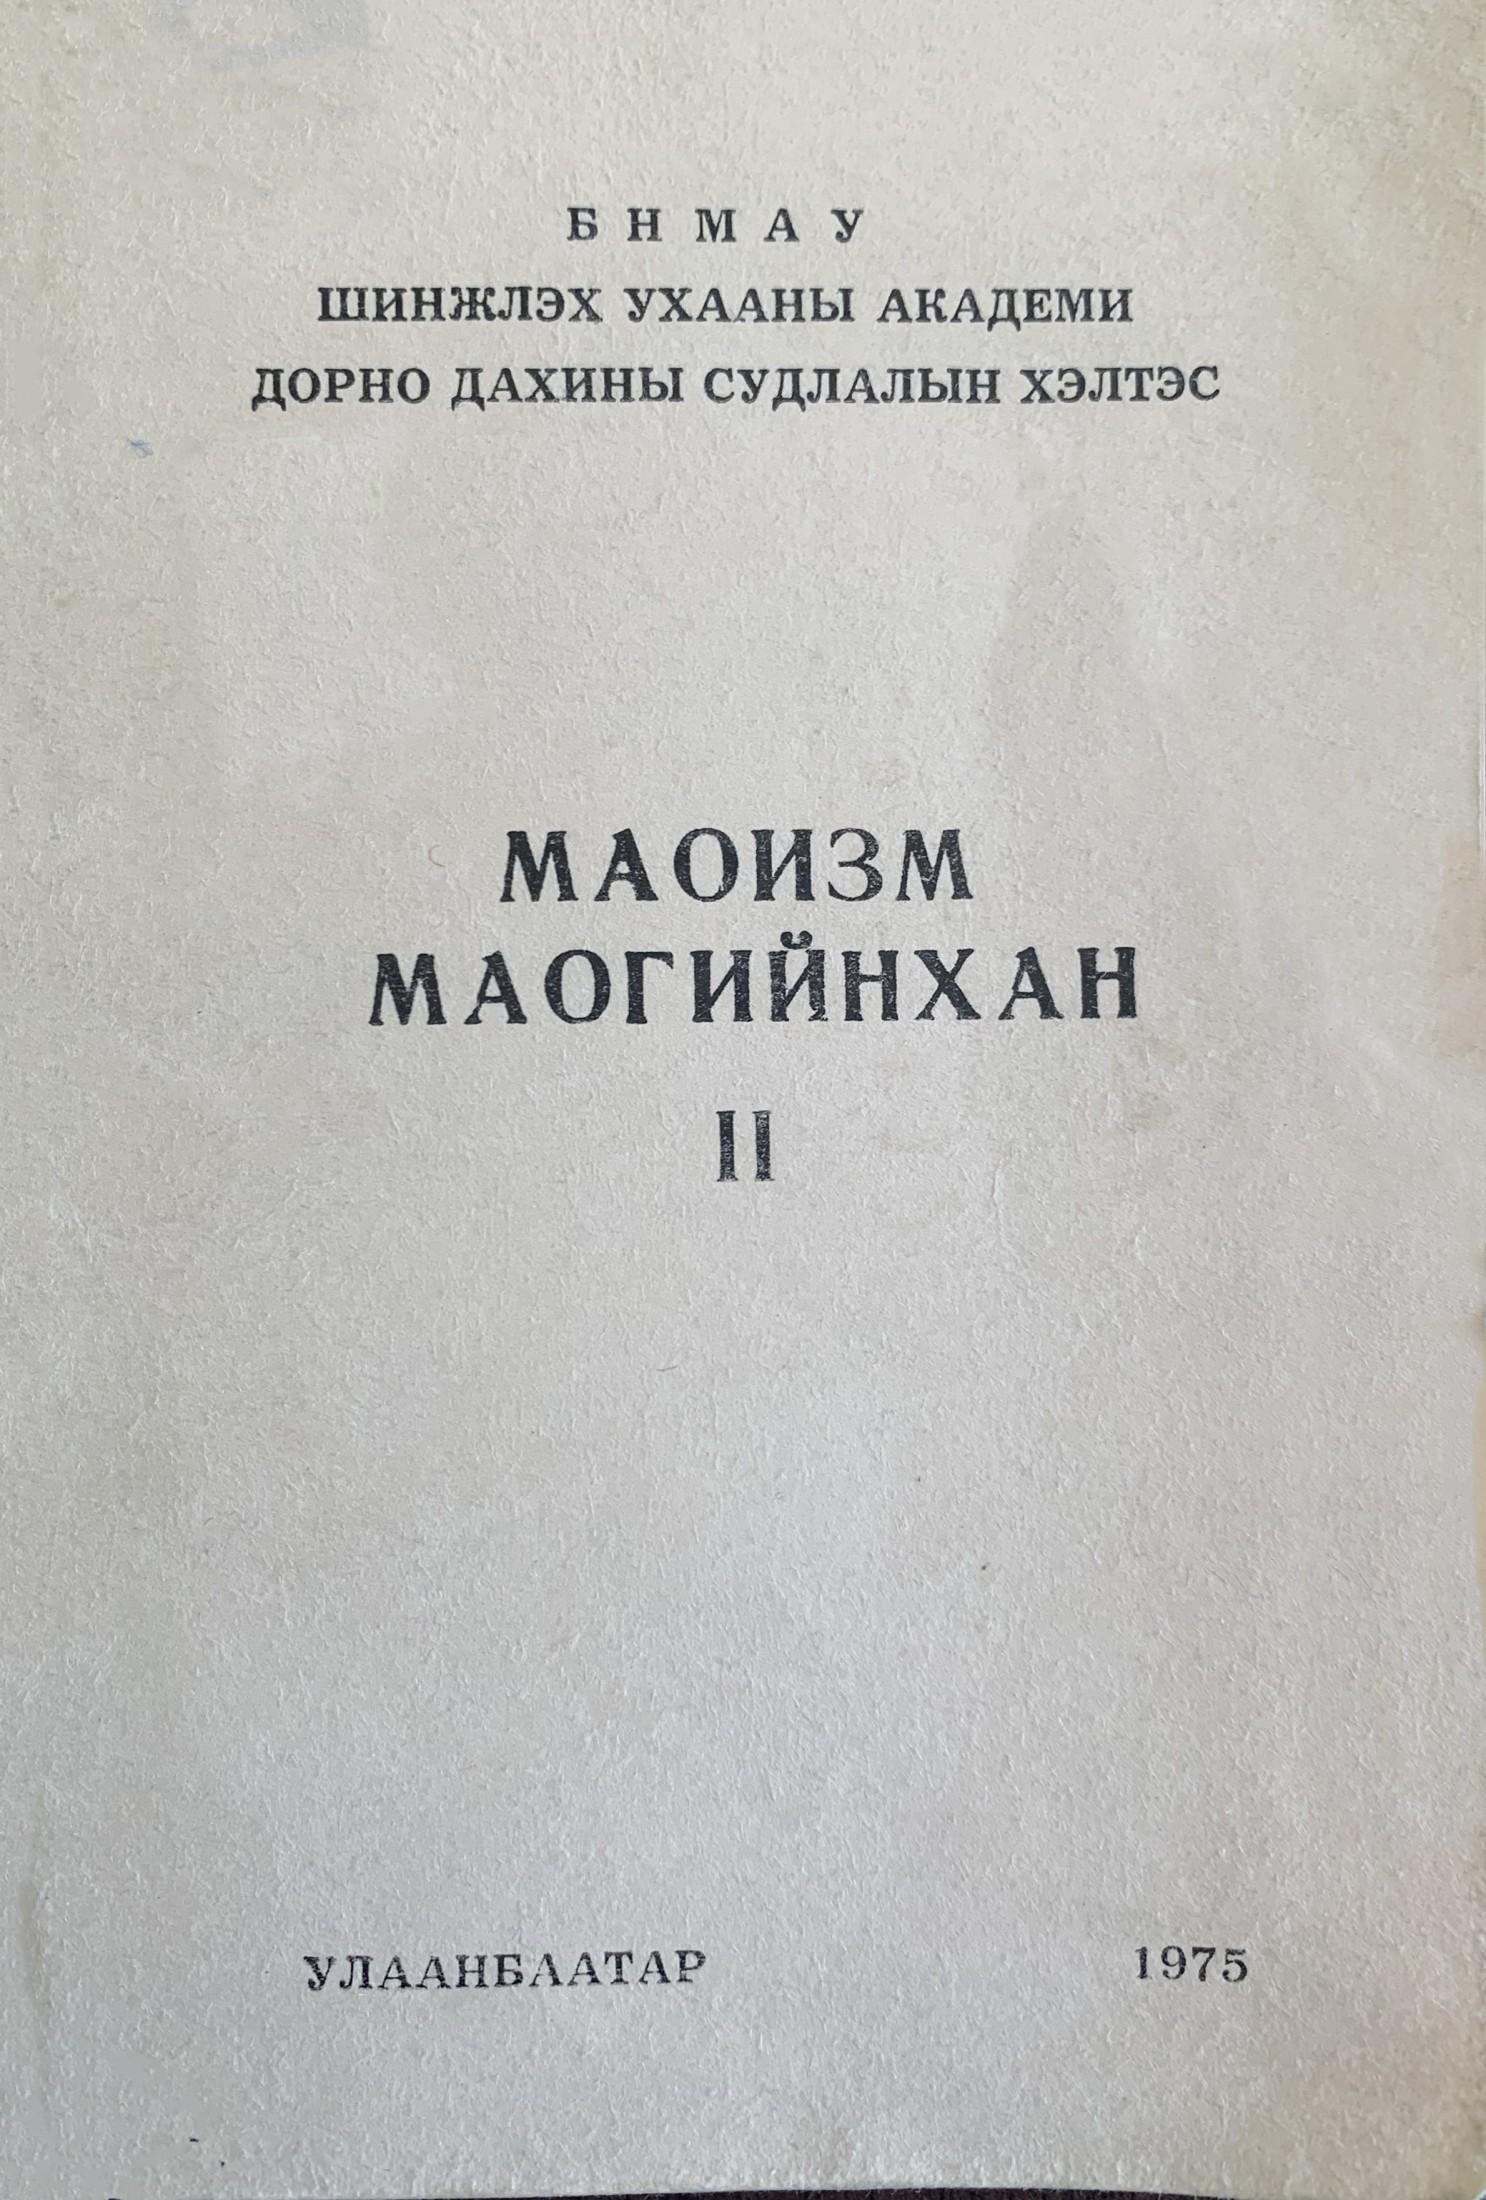 МАОИЗМ МАОГИЙНХАН - II